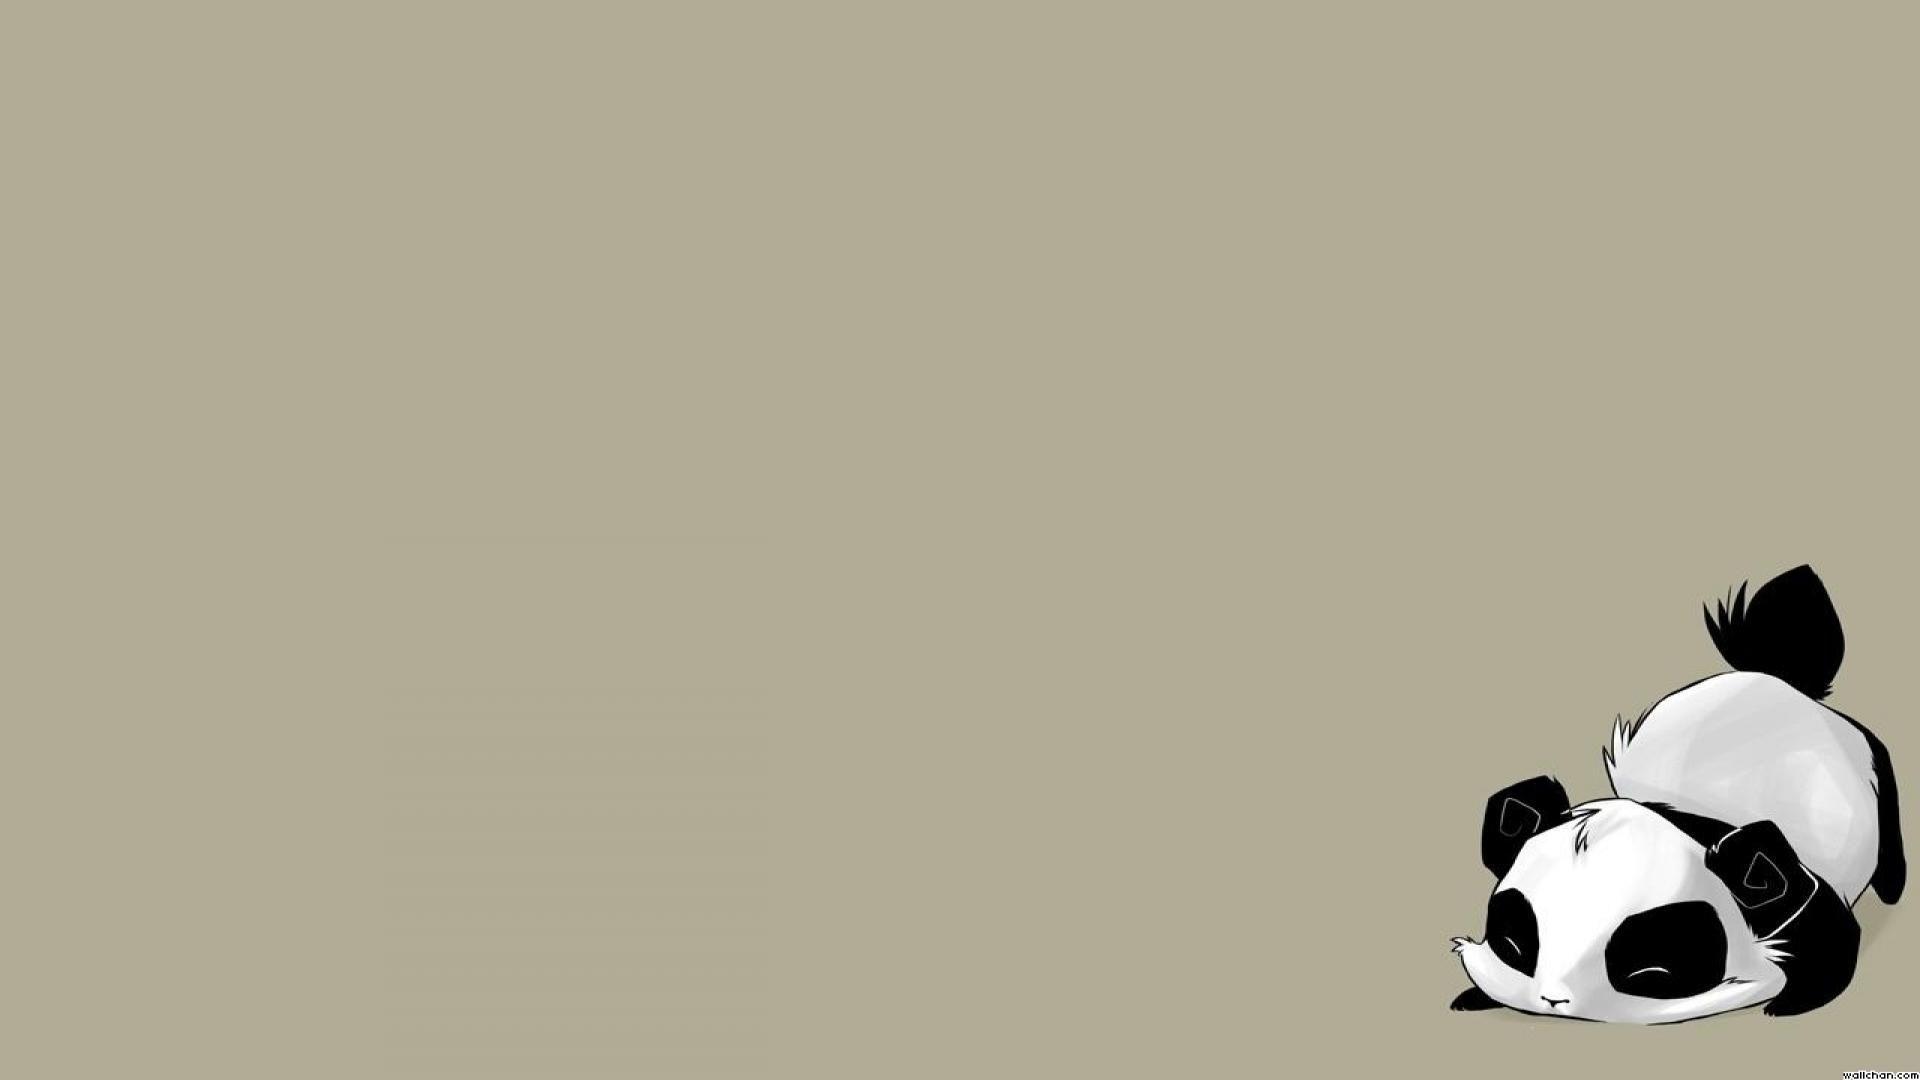 Cute Cartoon Panda Wallpaper Free Hd Desktop Wallpapers For Cute Panda Cartoon Cute Panda Drawing Panda Sketch